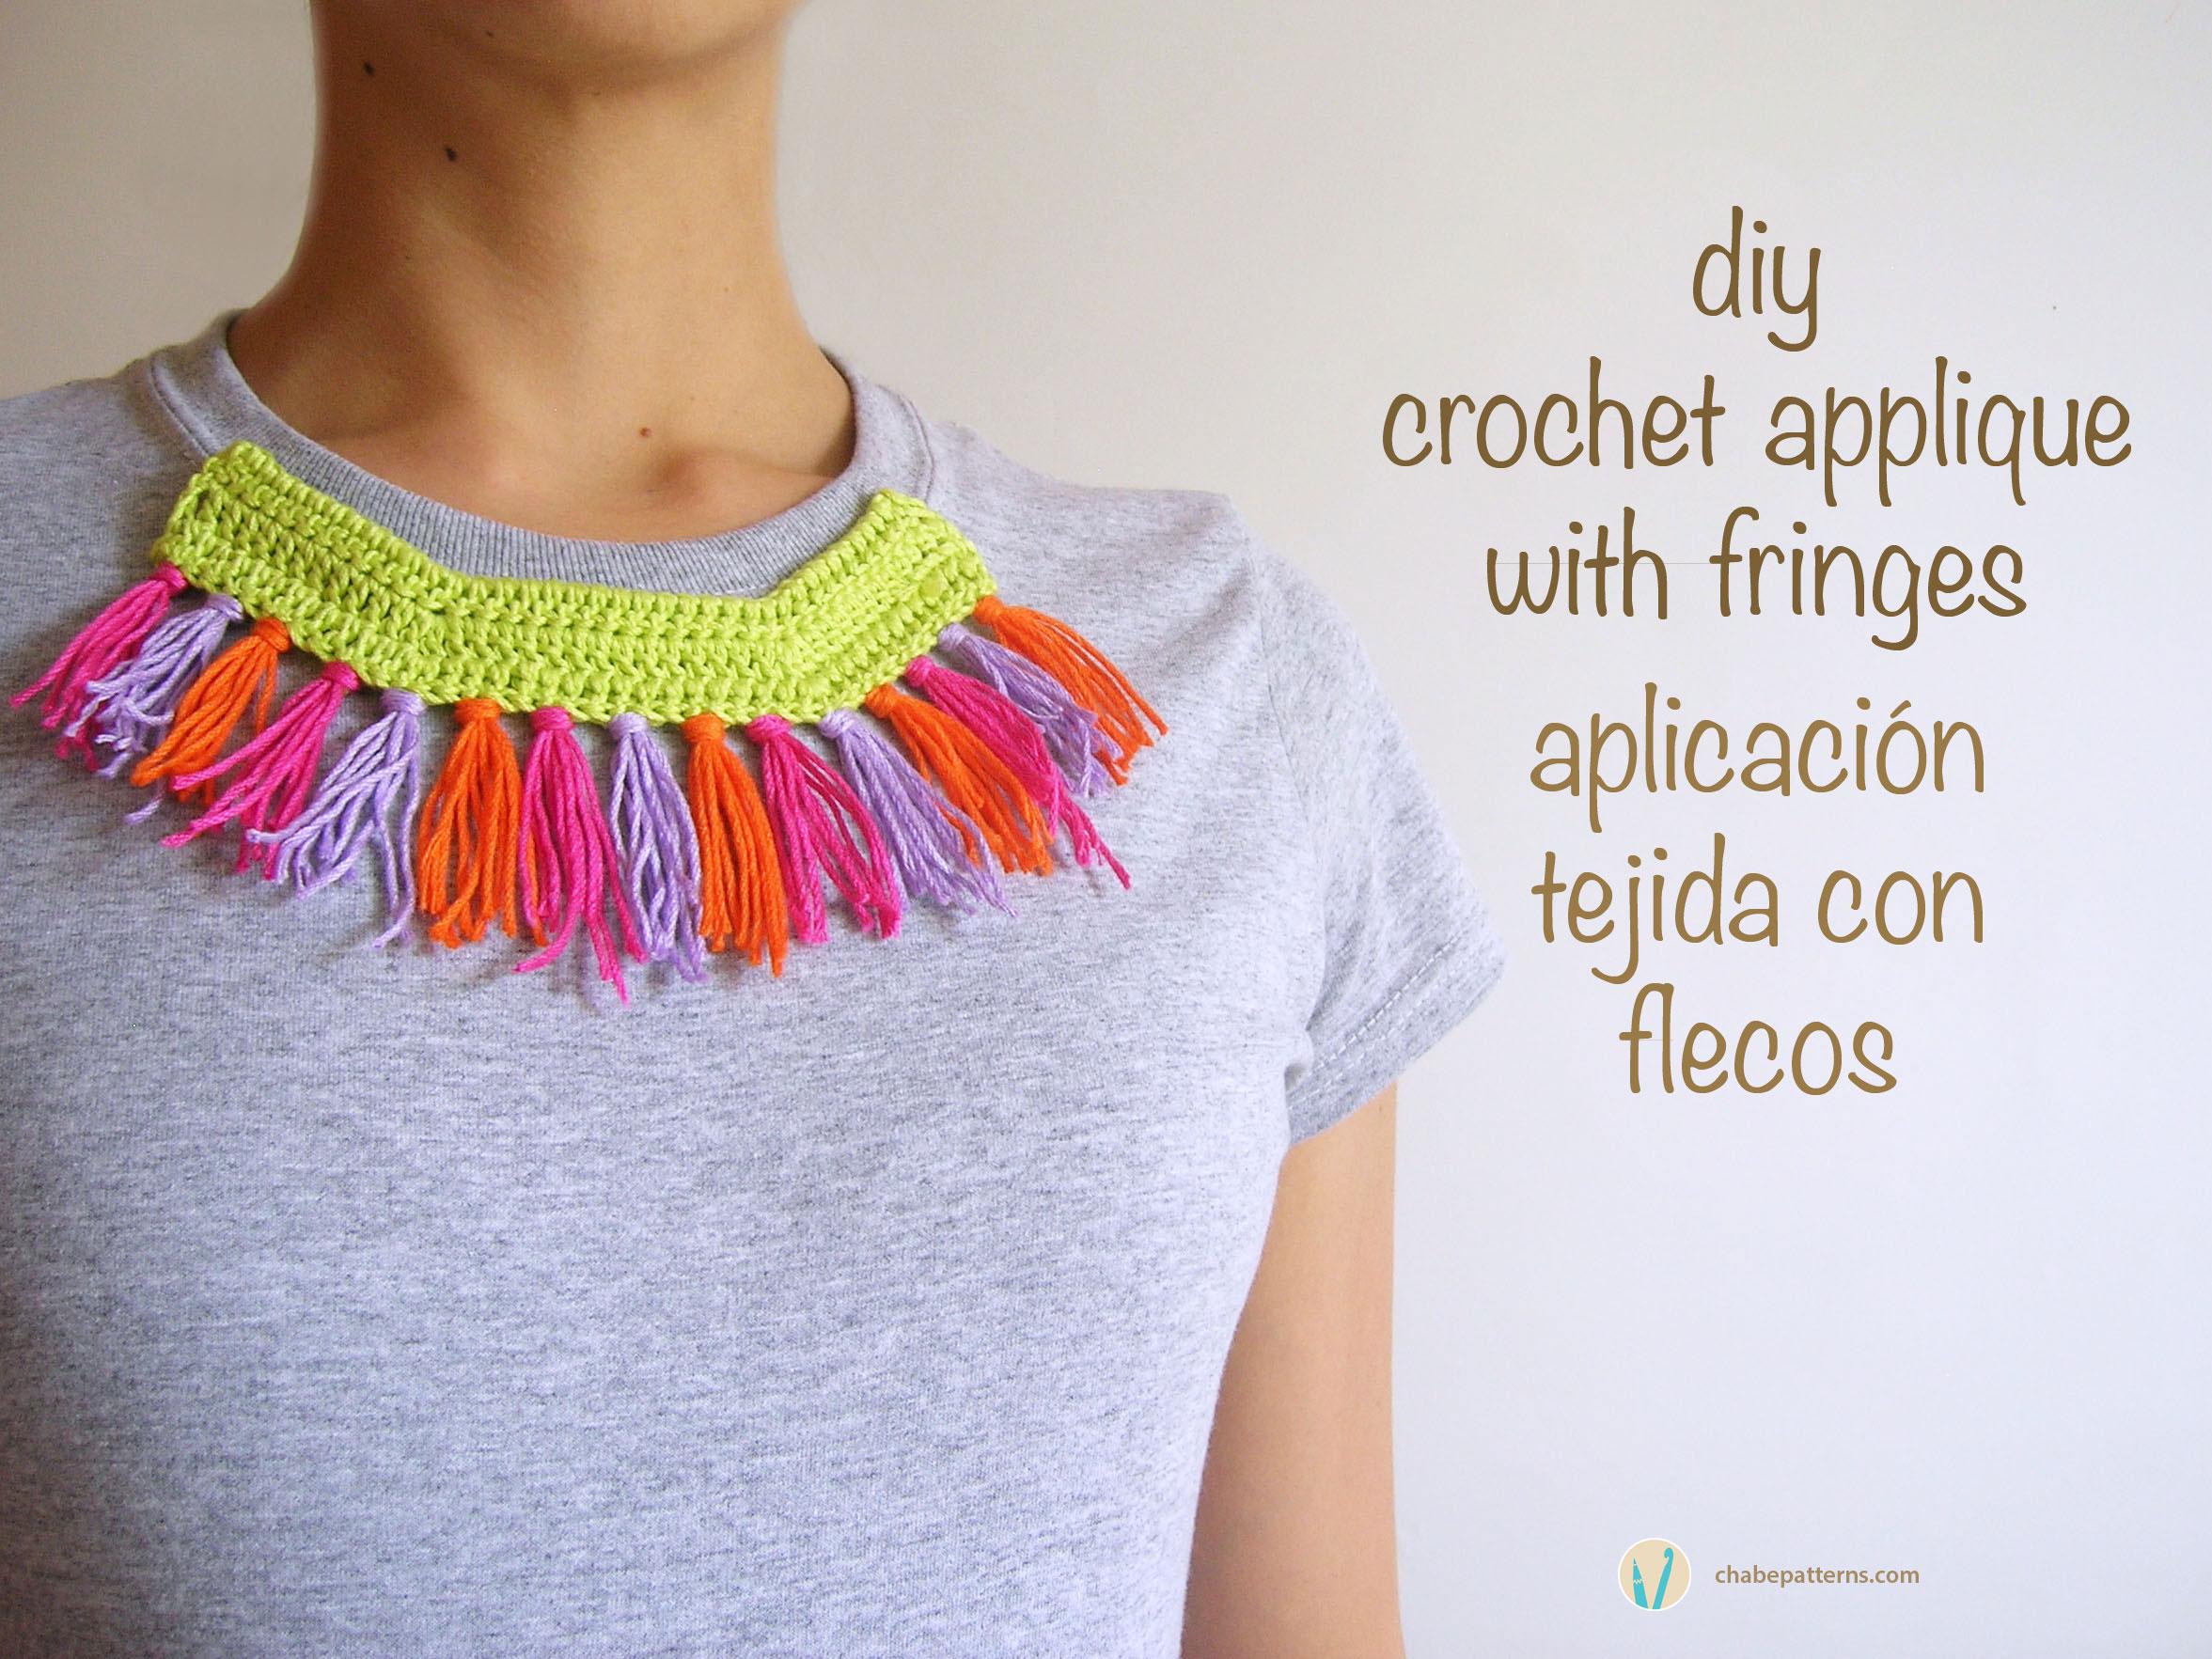 Crochet applique with fringes aplicaci n tejida con - Aplicaciones en crochet ...